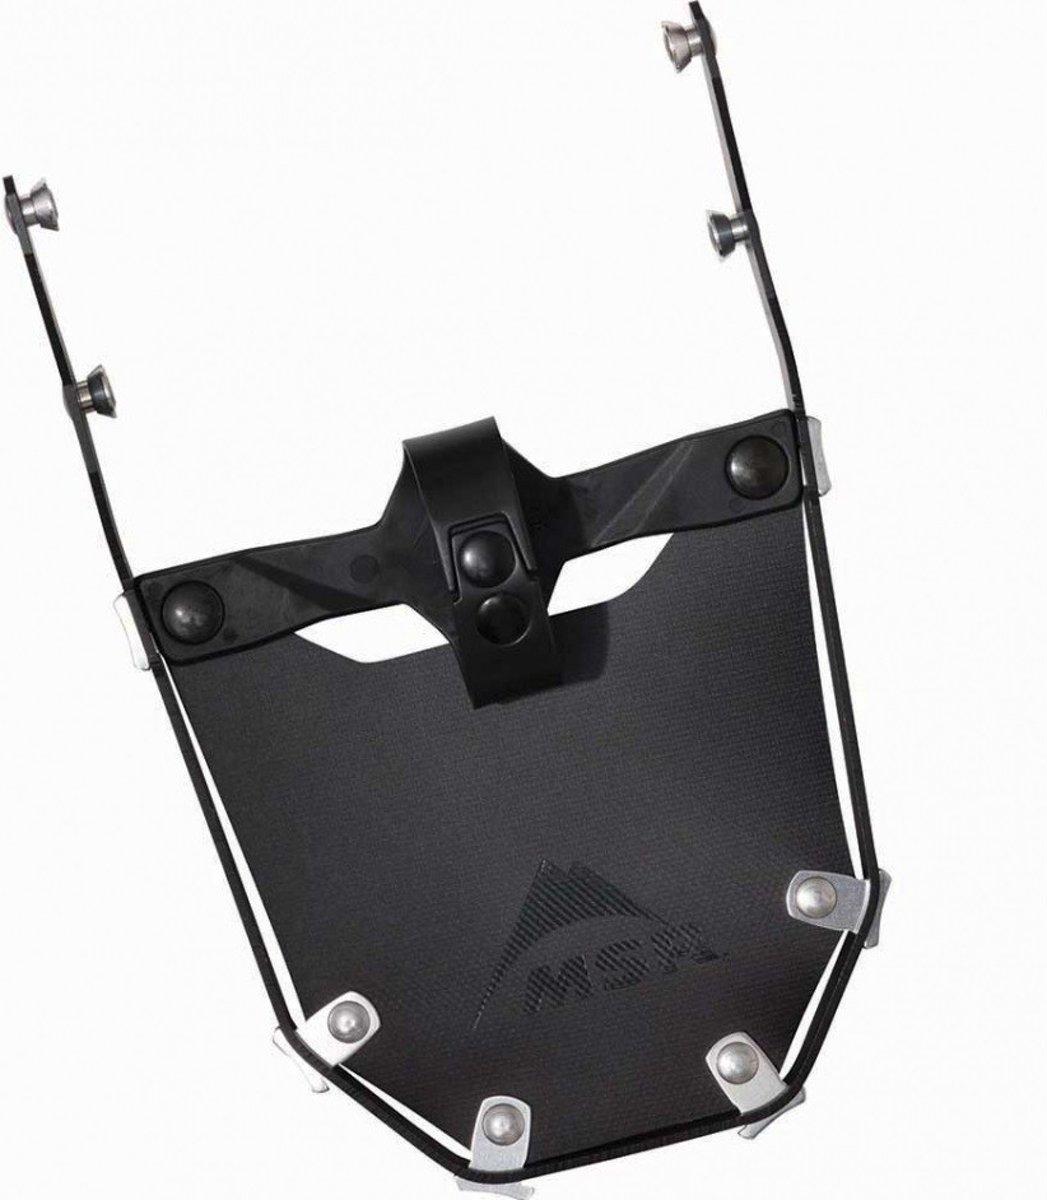 MSR Lightning Tail Voor vergroting van het draagvermogen